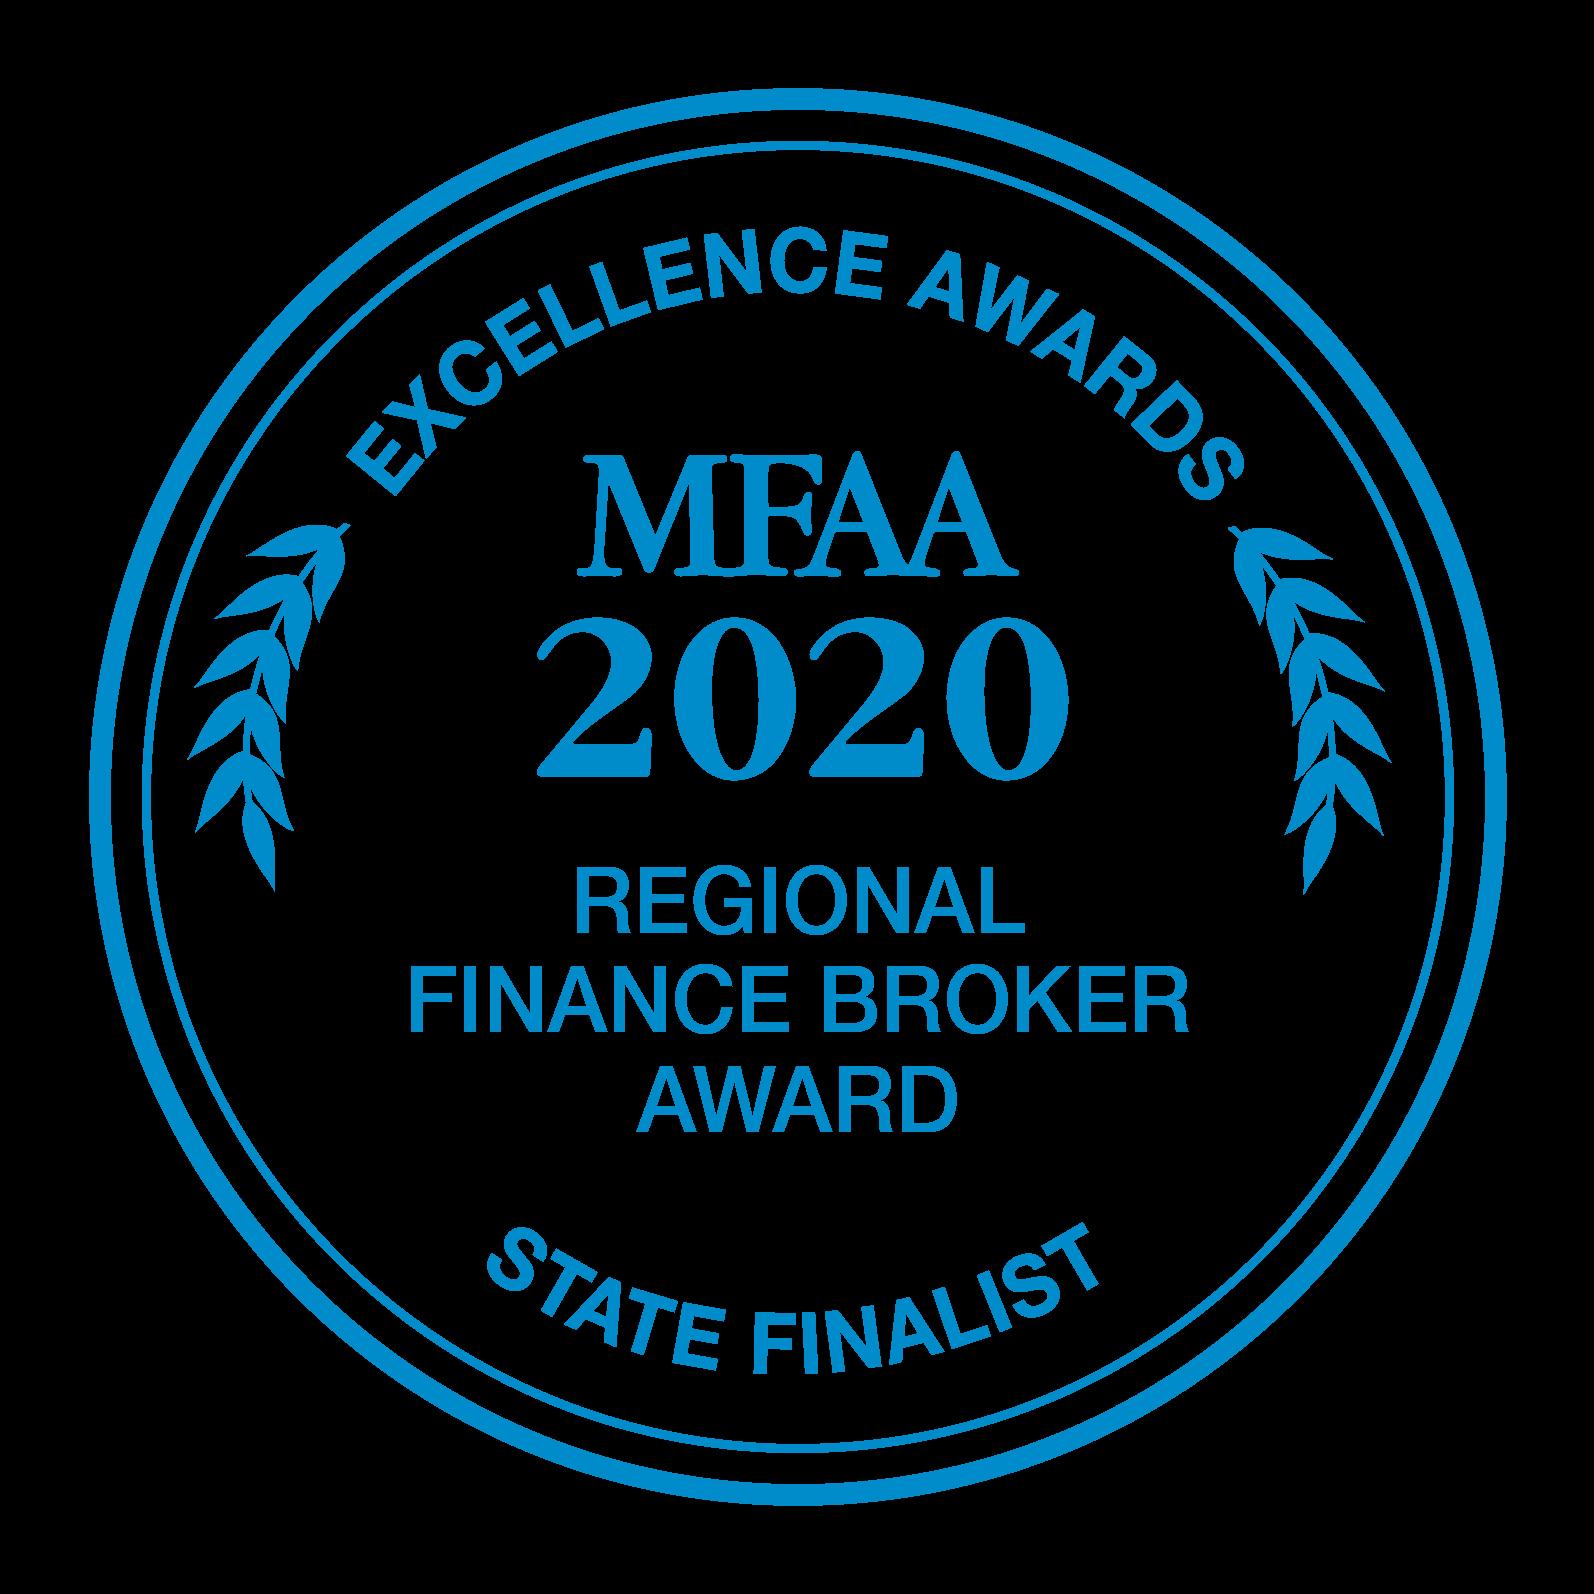 mfaa-2020